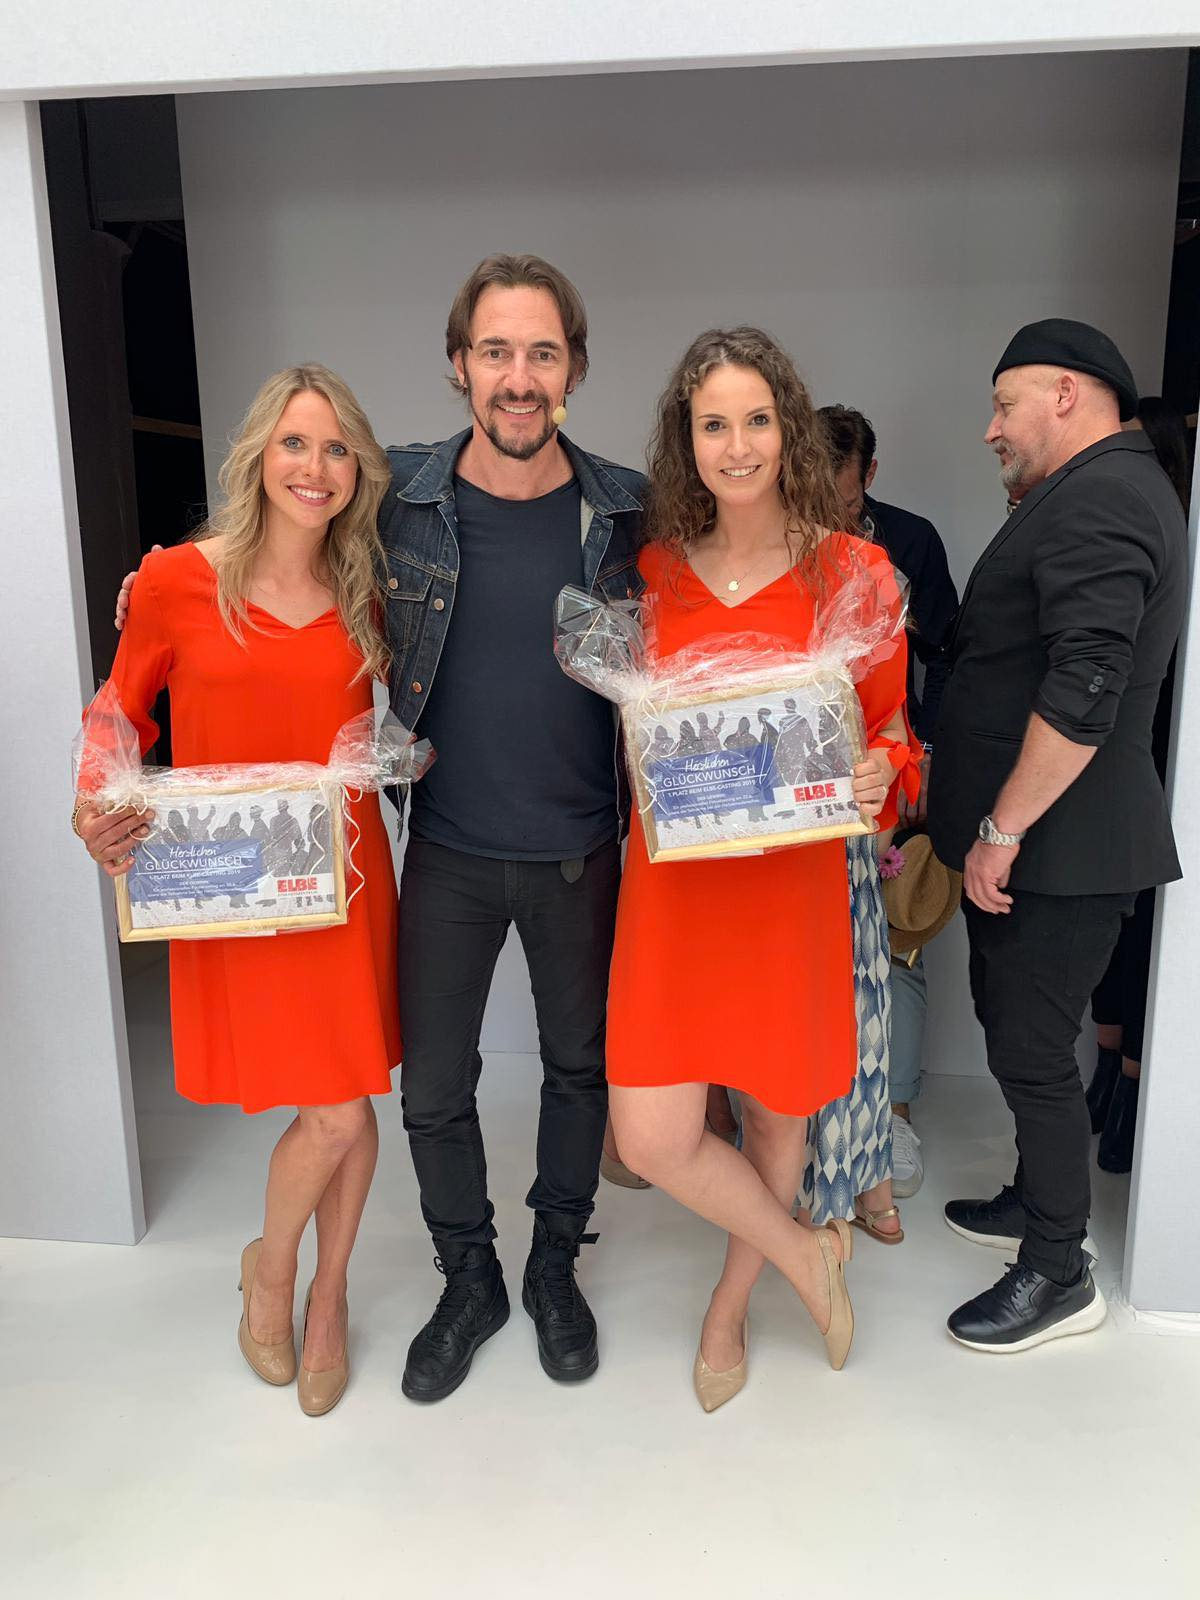 Das LIVE-FINALE vom Elbe Einkaufszentrum mit THOMAS HAYO bekannt aus GNTM mit Heidi Klum